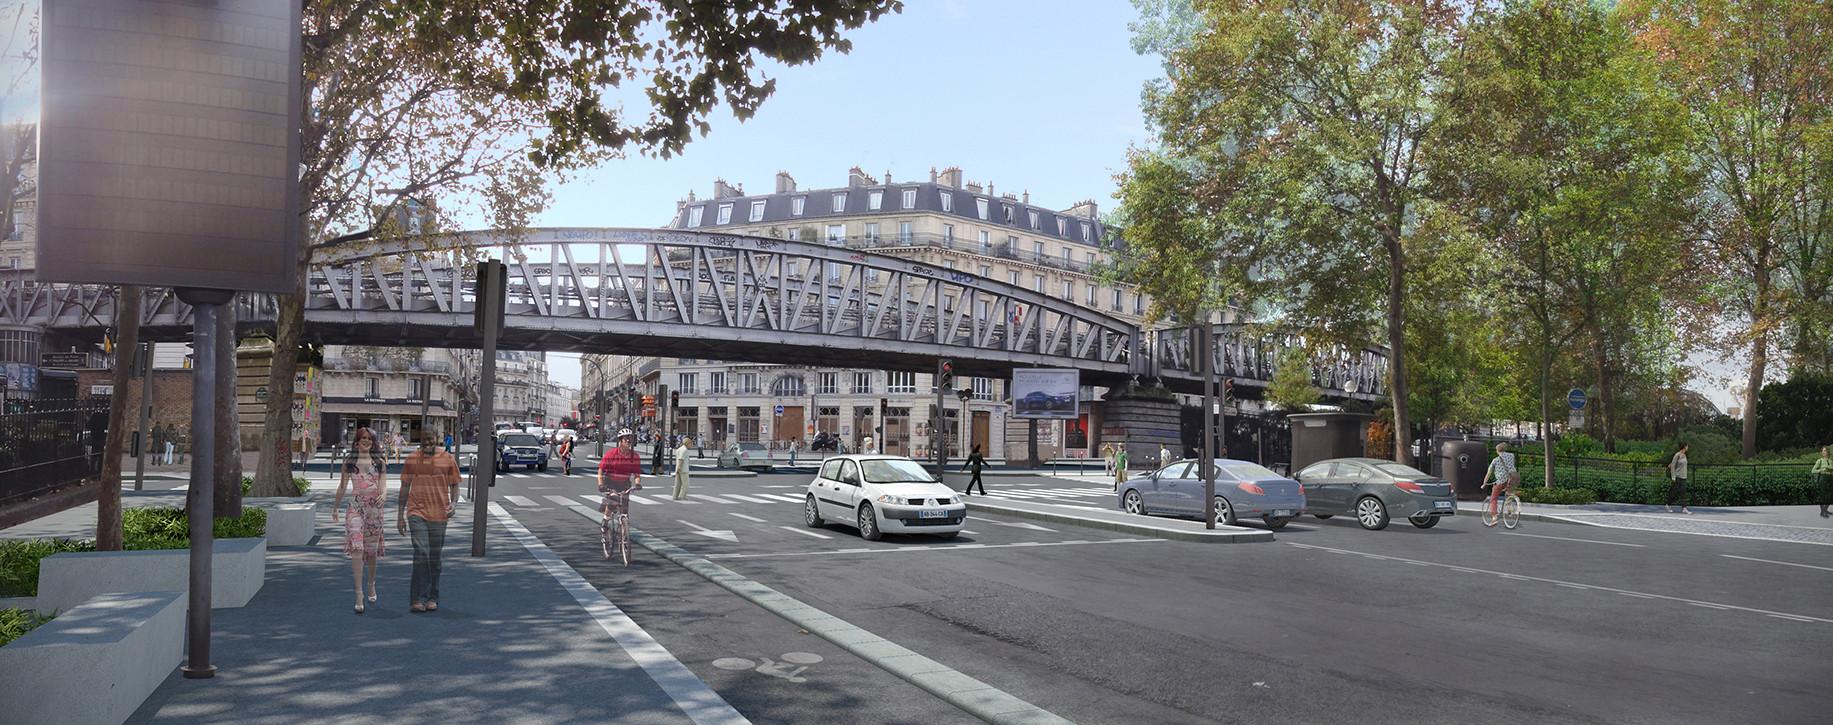 Boulevard Chapelle.jpg